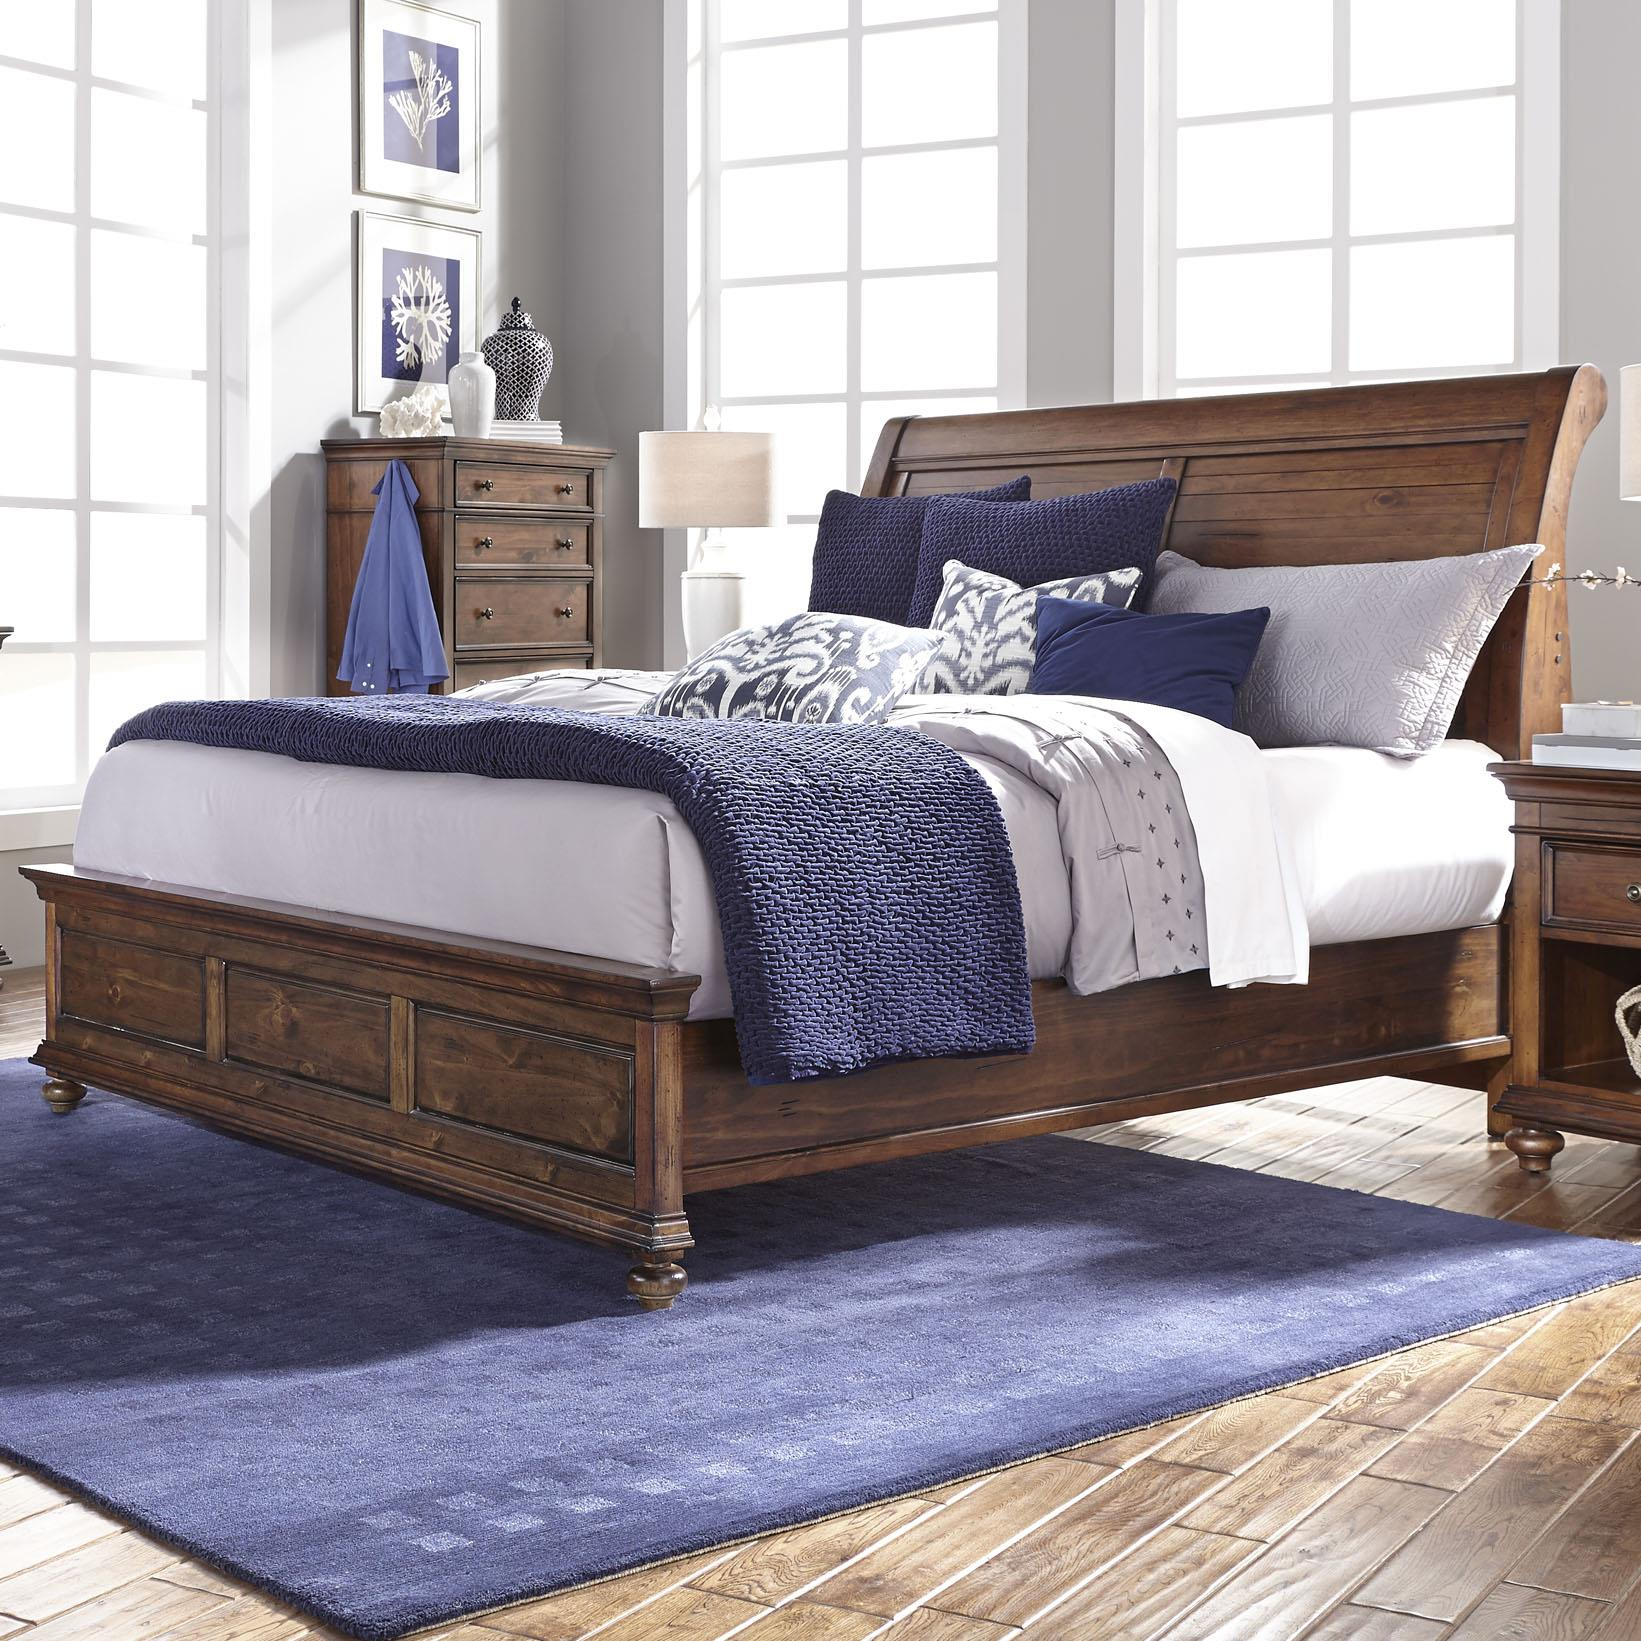 Aspenhome Camden Queen Sleigh Bed - Item Number: I57-400+403+402